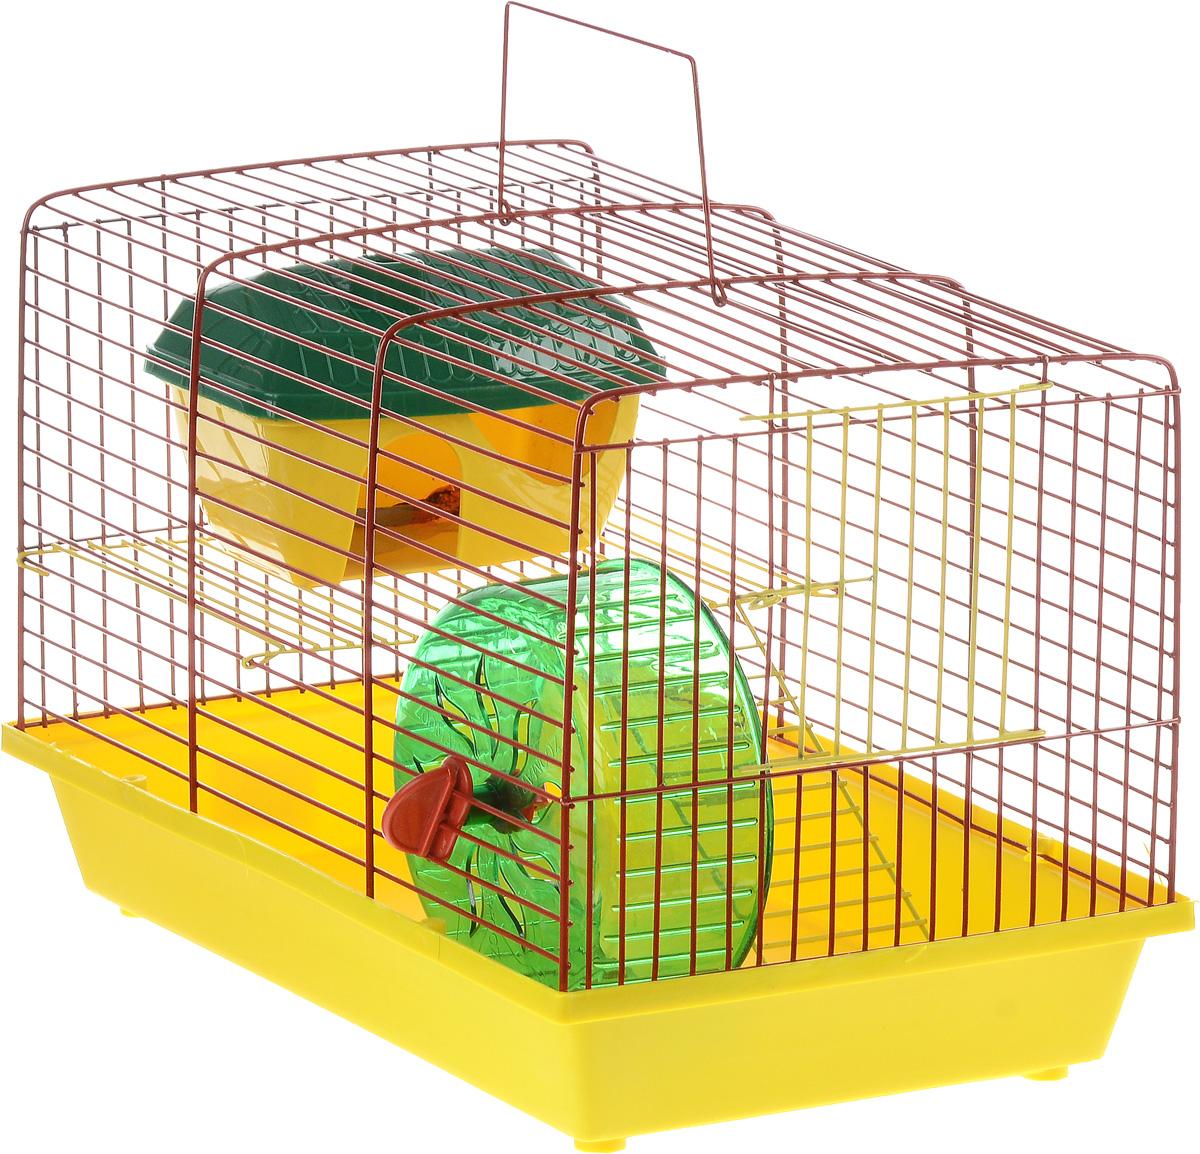 Клетка для грызунов ЗооМарк, 2-этажная, цвет: желтый поддон, красная решетка, желтый этаж, 36 х 22 х 24 см125жЖККлетка ЗооМарк, выполненная из полипропилена и металла, подходит для мелких грызунов. Изделие двухэтажное, оборудовано колесом для подвижных игр и пластиковым домиком. Клетка имеет яркий поддон, удобна в использовании и легко чистится. Сверху имеется ручка для переноски. Такая клетка станет уединенным личным пространством и уютным домиком для маленького грызуна.